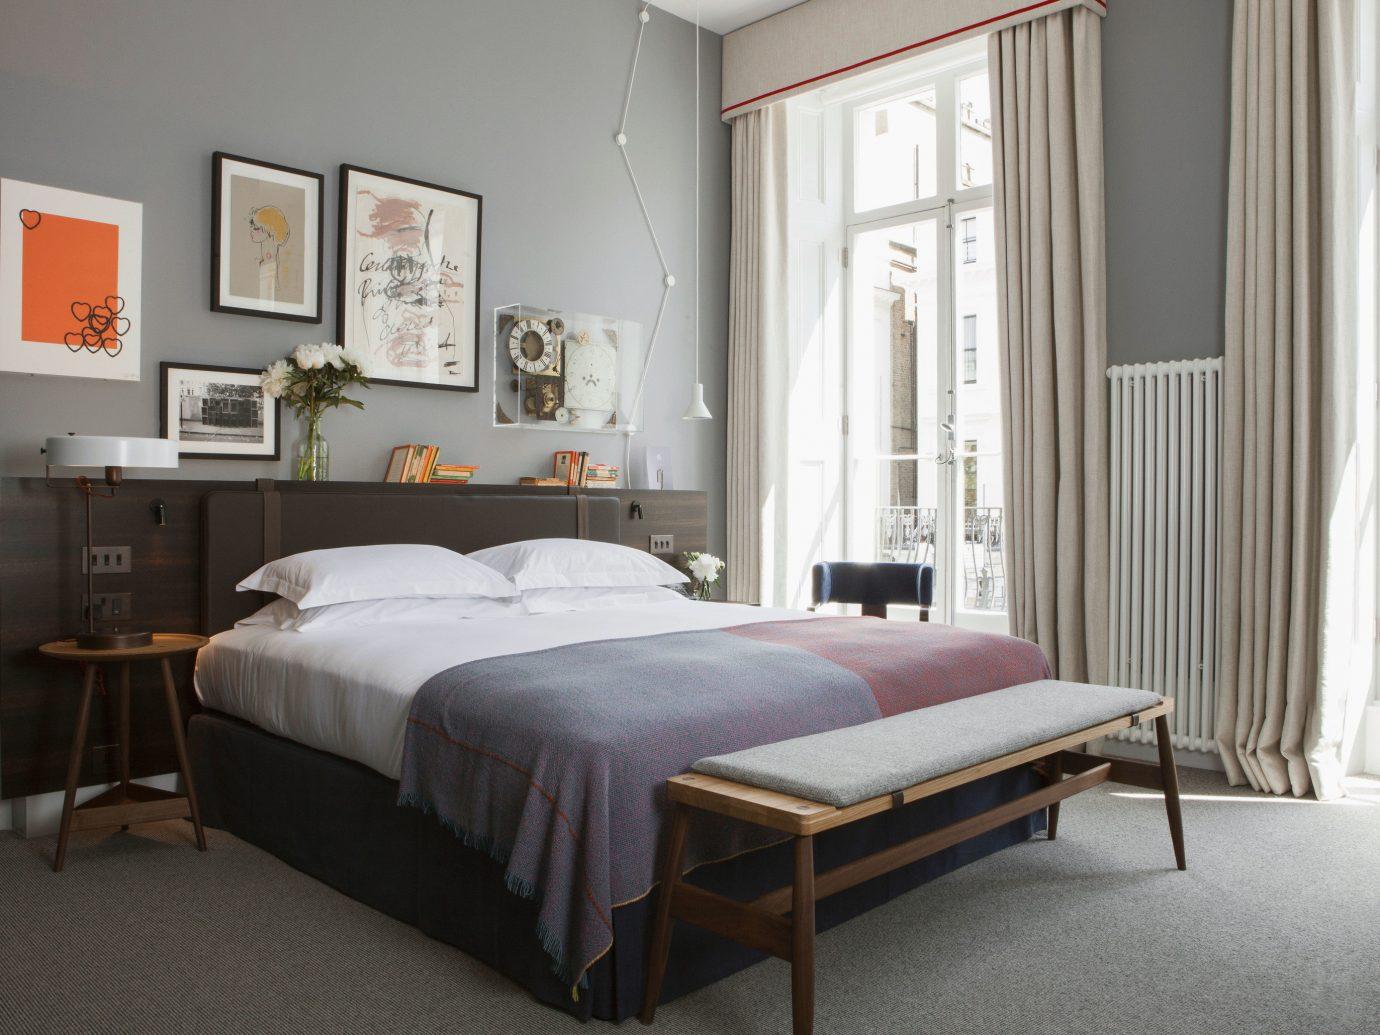 Boutique Hotels Hotels floor bed indoor wall room Bedroom property furniture hotel living room interior design bed frame home real estate Design